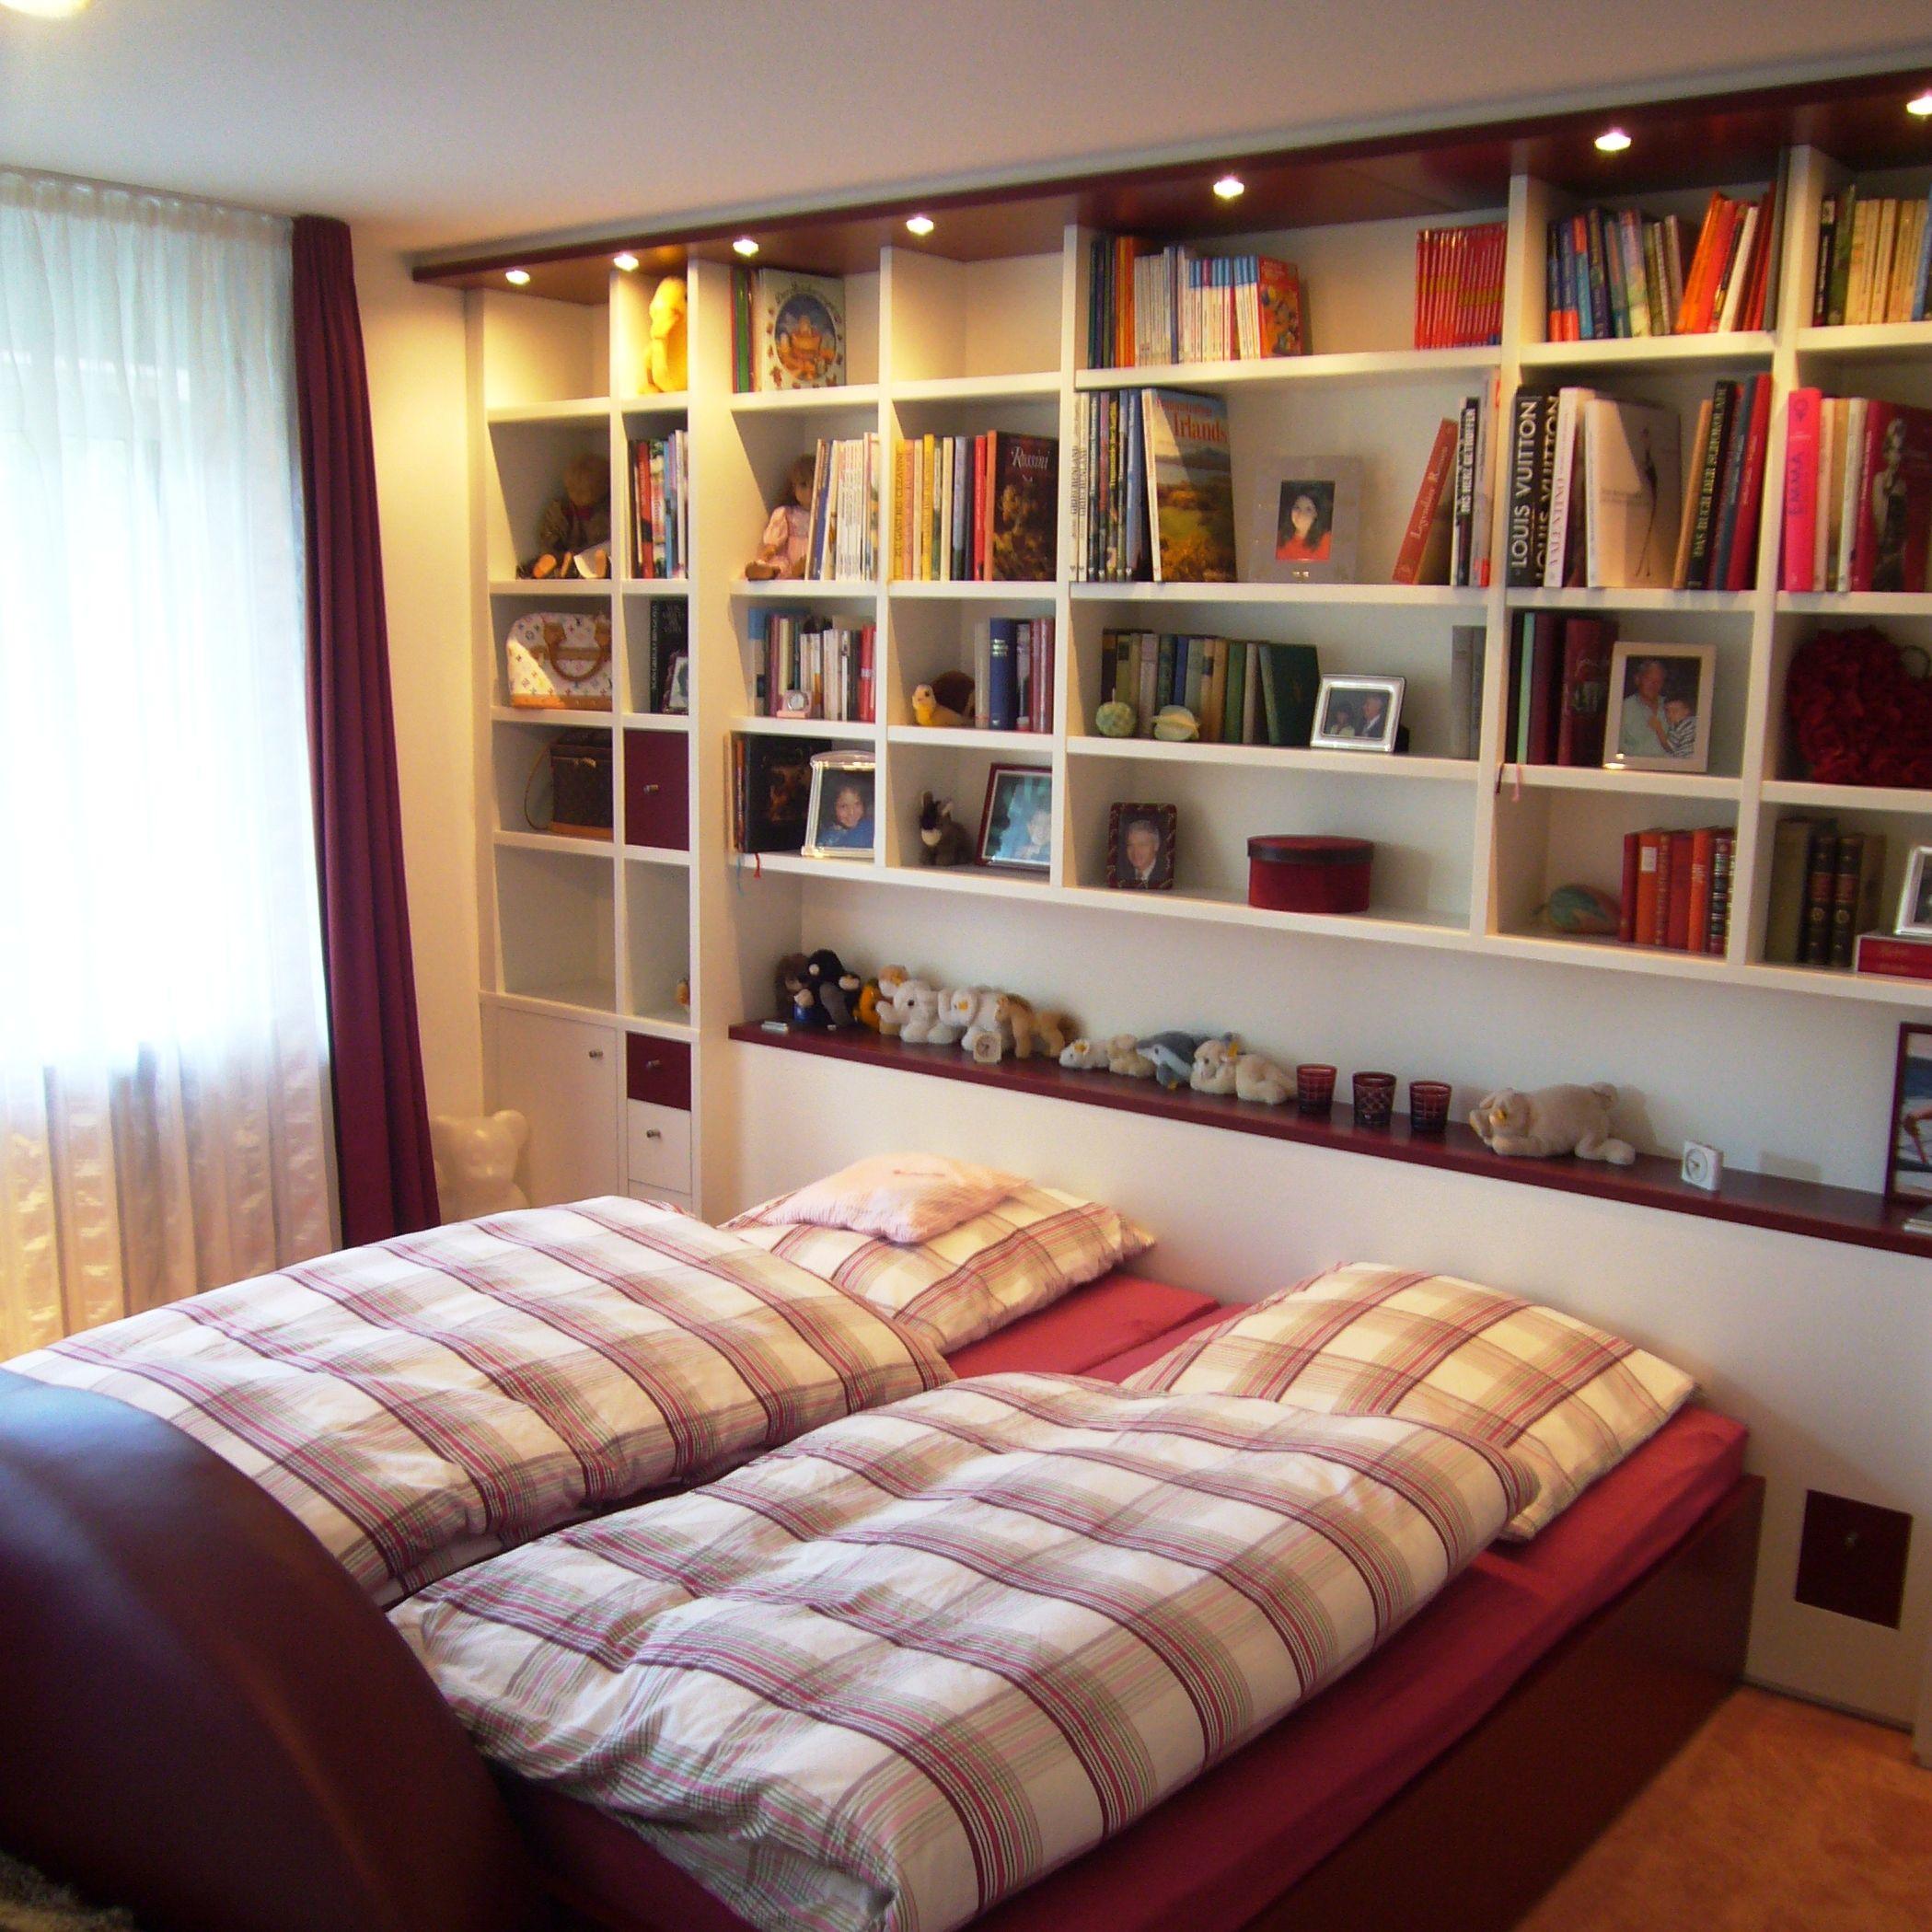 Schlafzimmereinrichtung weiß und bordeaux rot lackiert